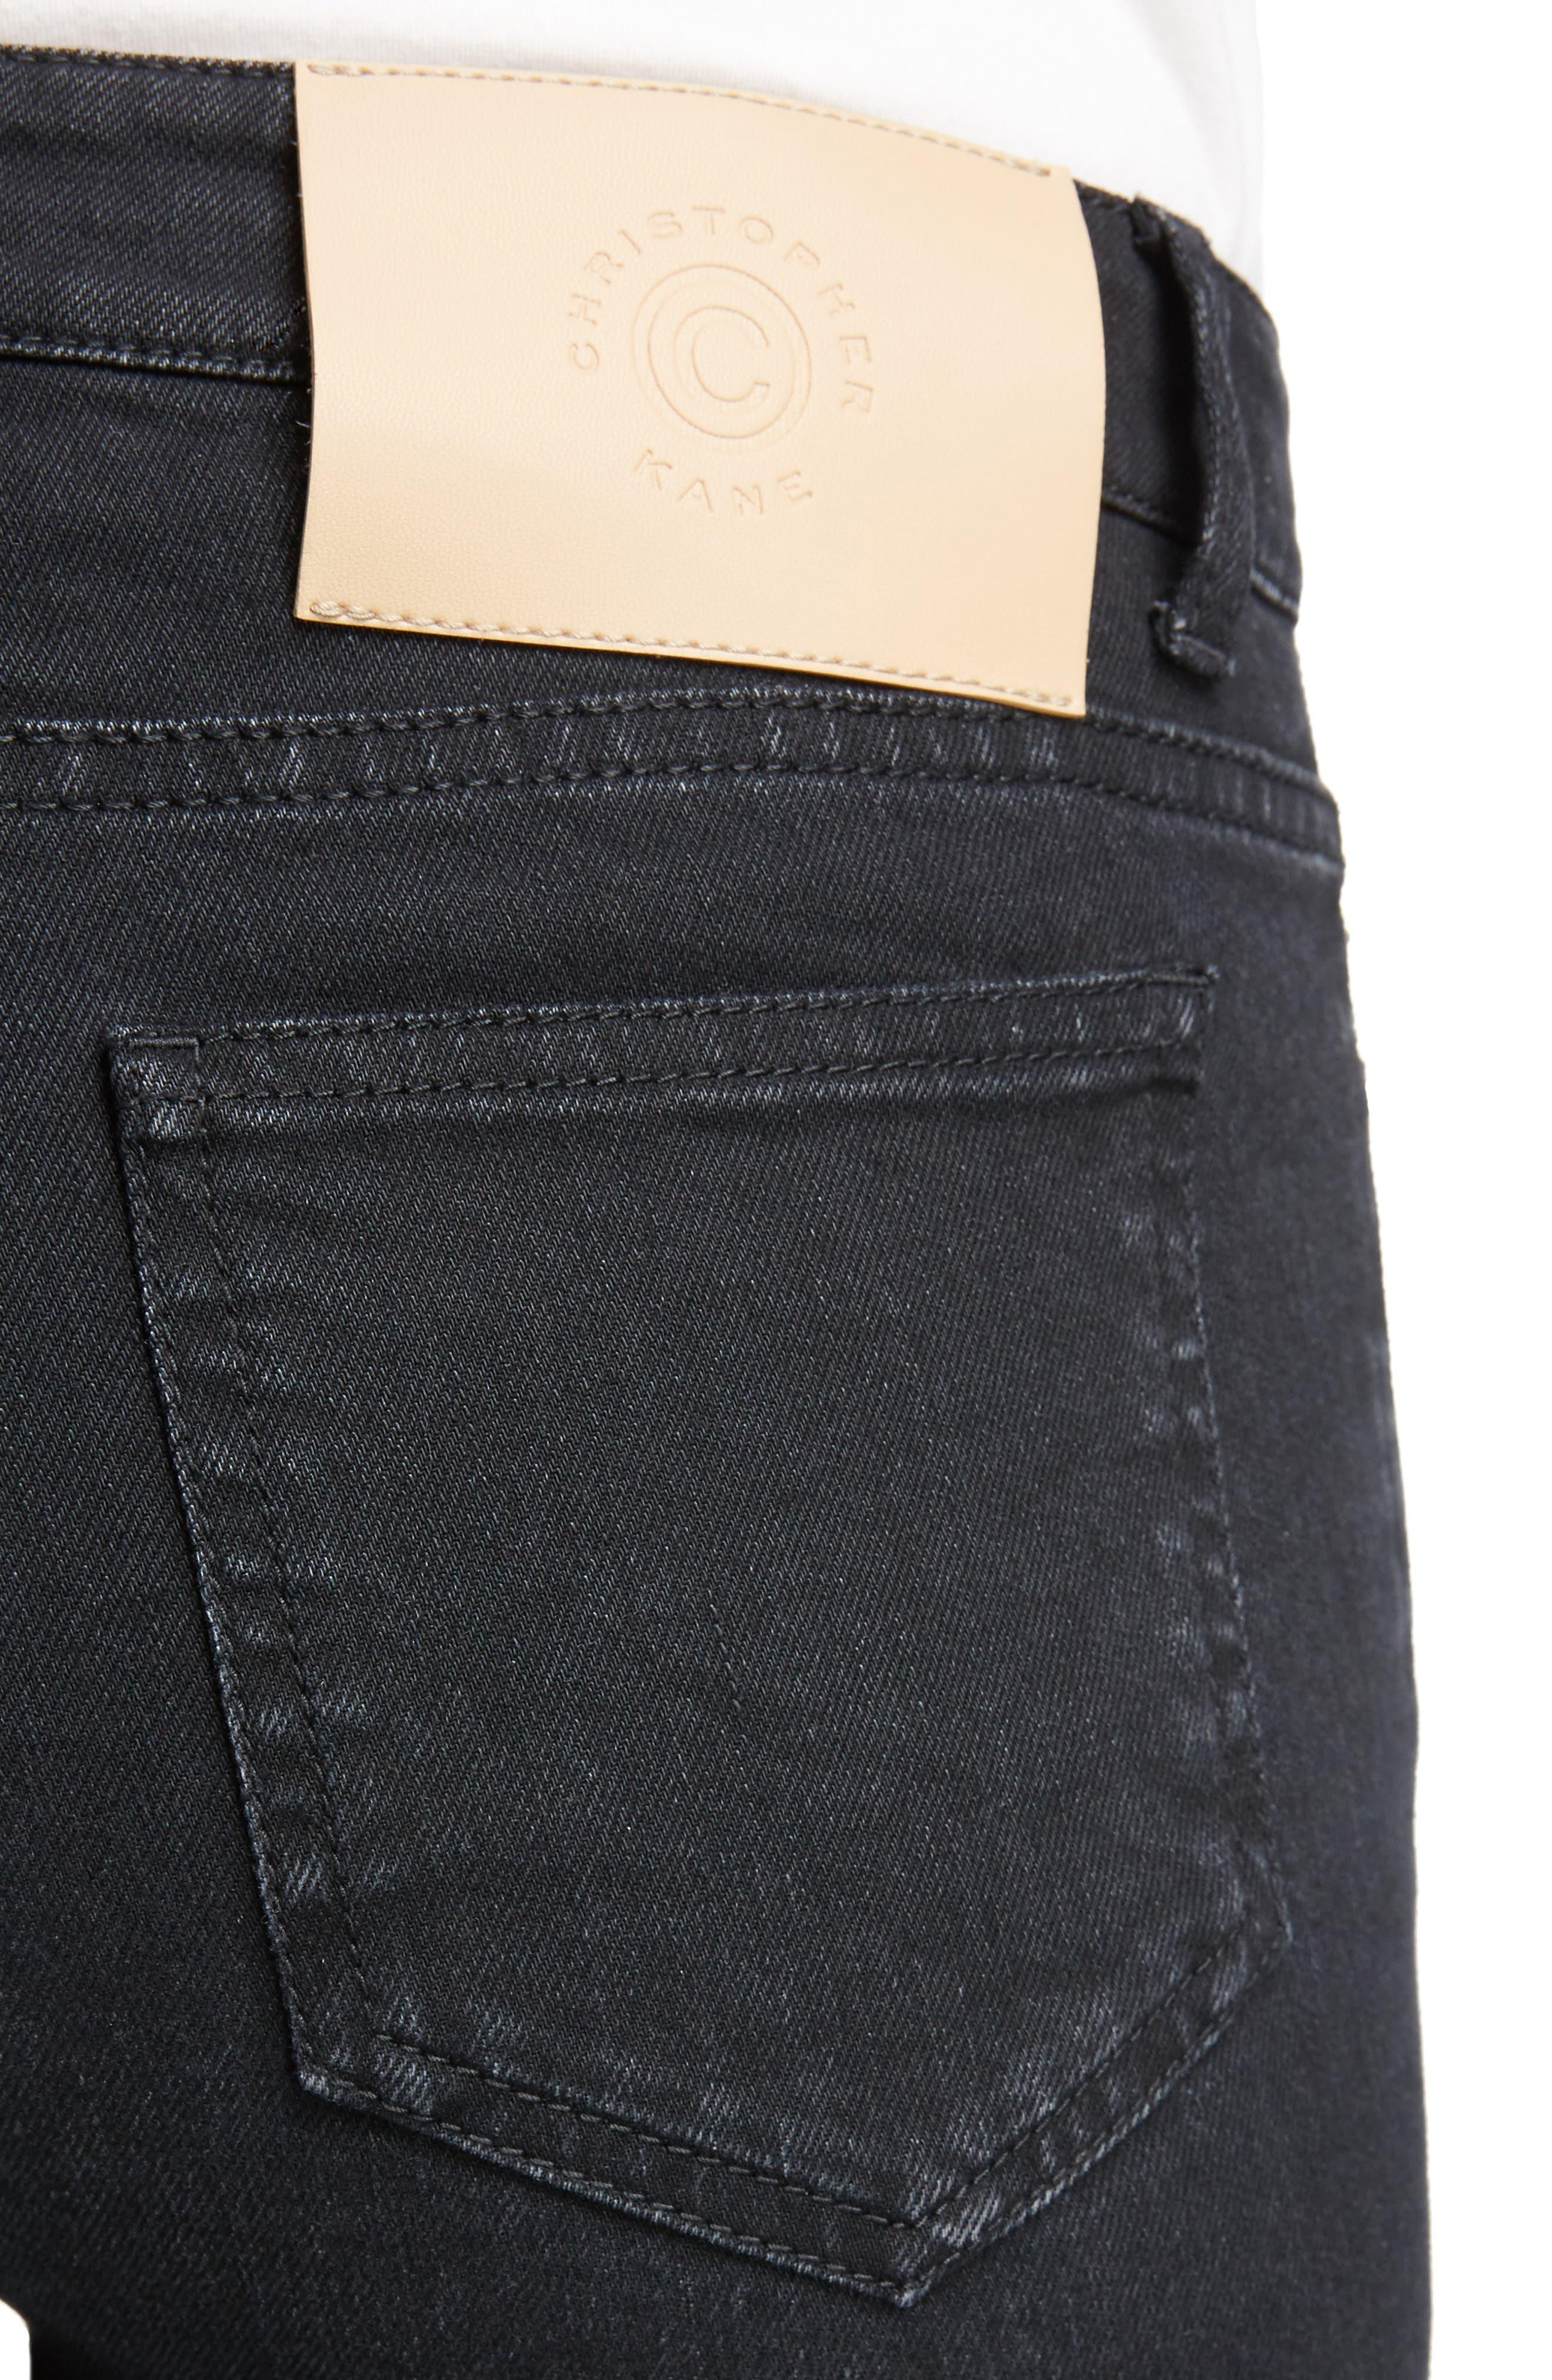 Hook & Loop Fly Skinny Jeans,                             Alternate thumbnail 4, color,                             001